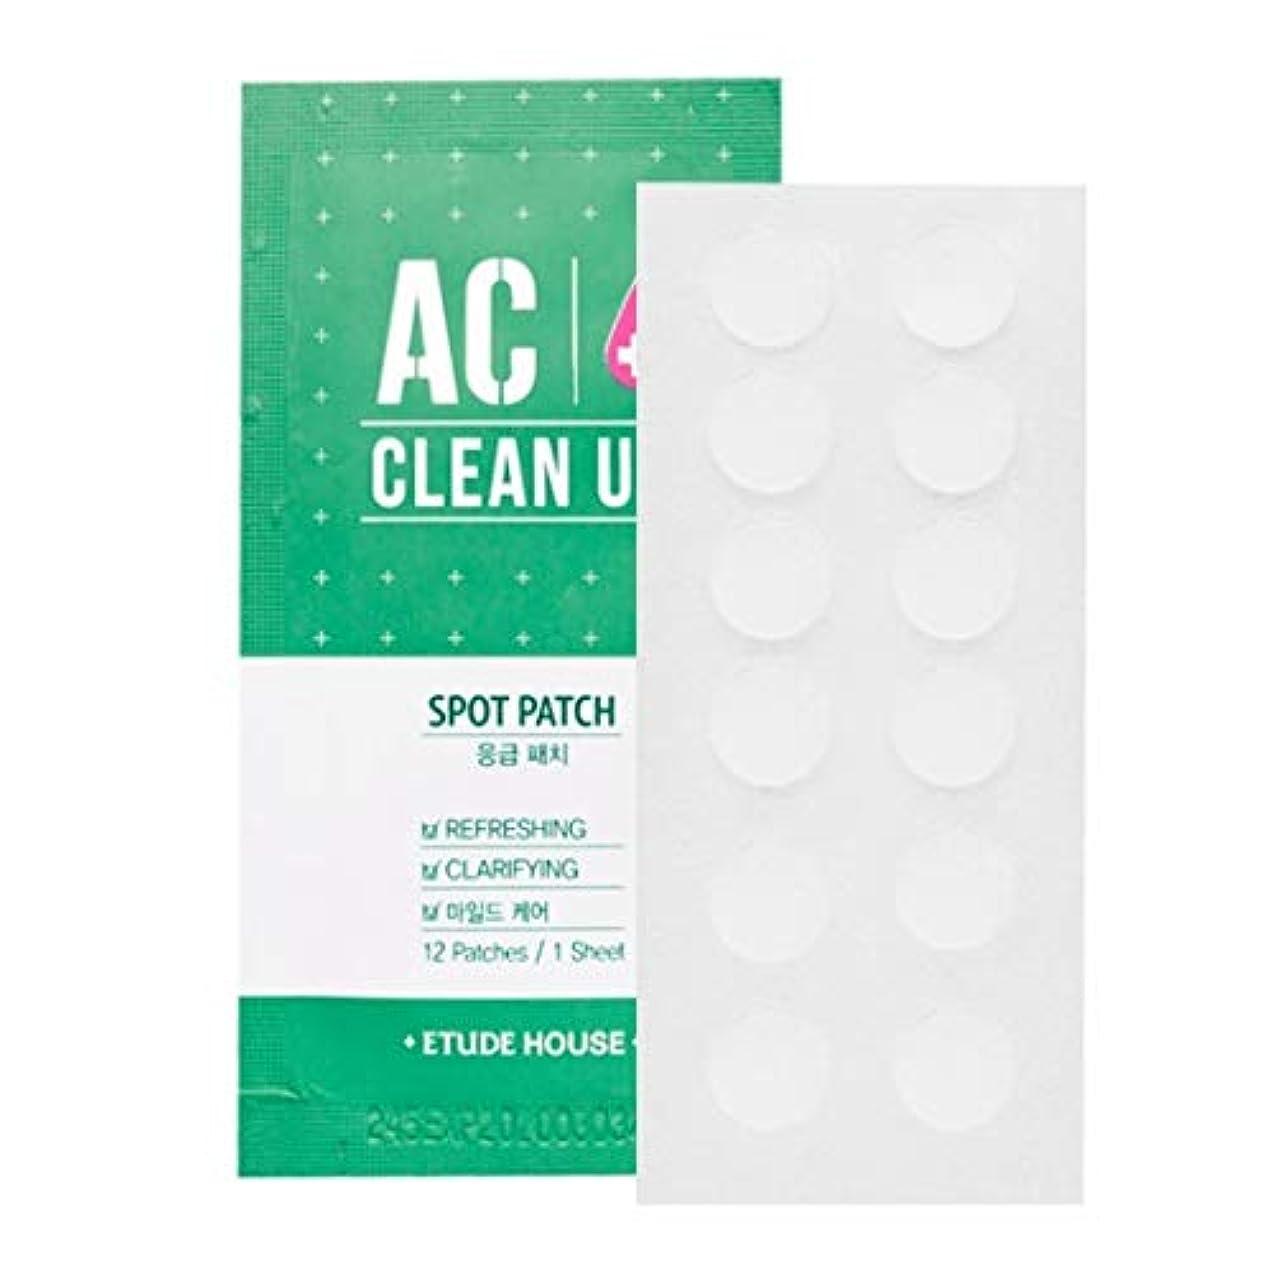 アミューズメント生物学スラックETUDE HOUSE AC Cleanup Patch 10pcs / エチュードハウスACパッチ10枚/ にきびパッチ [並行輸入品]